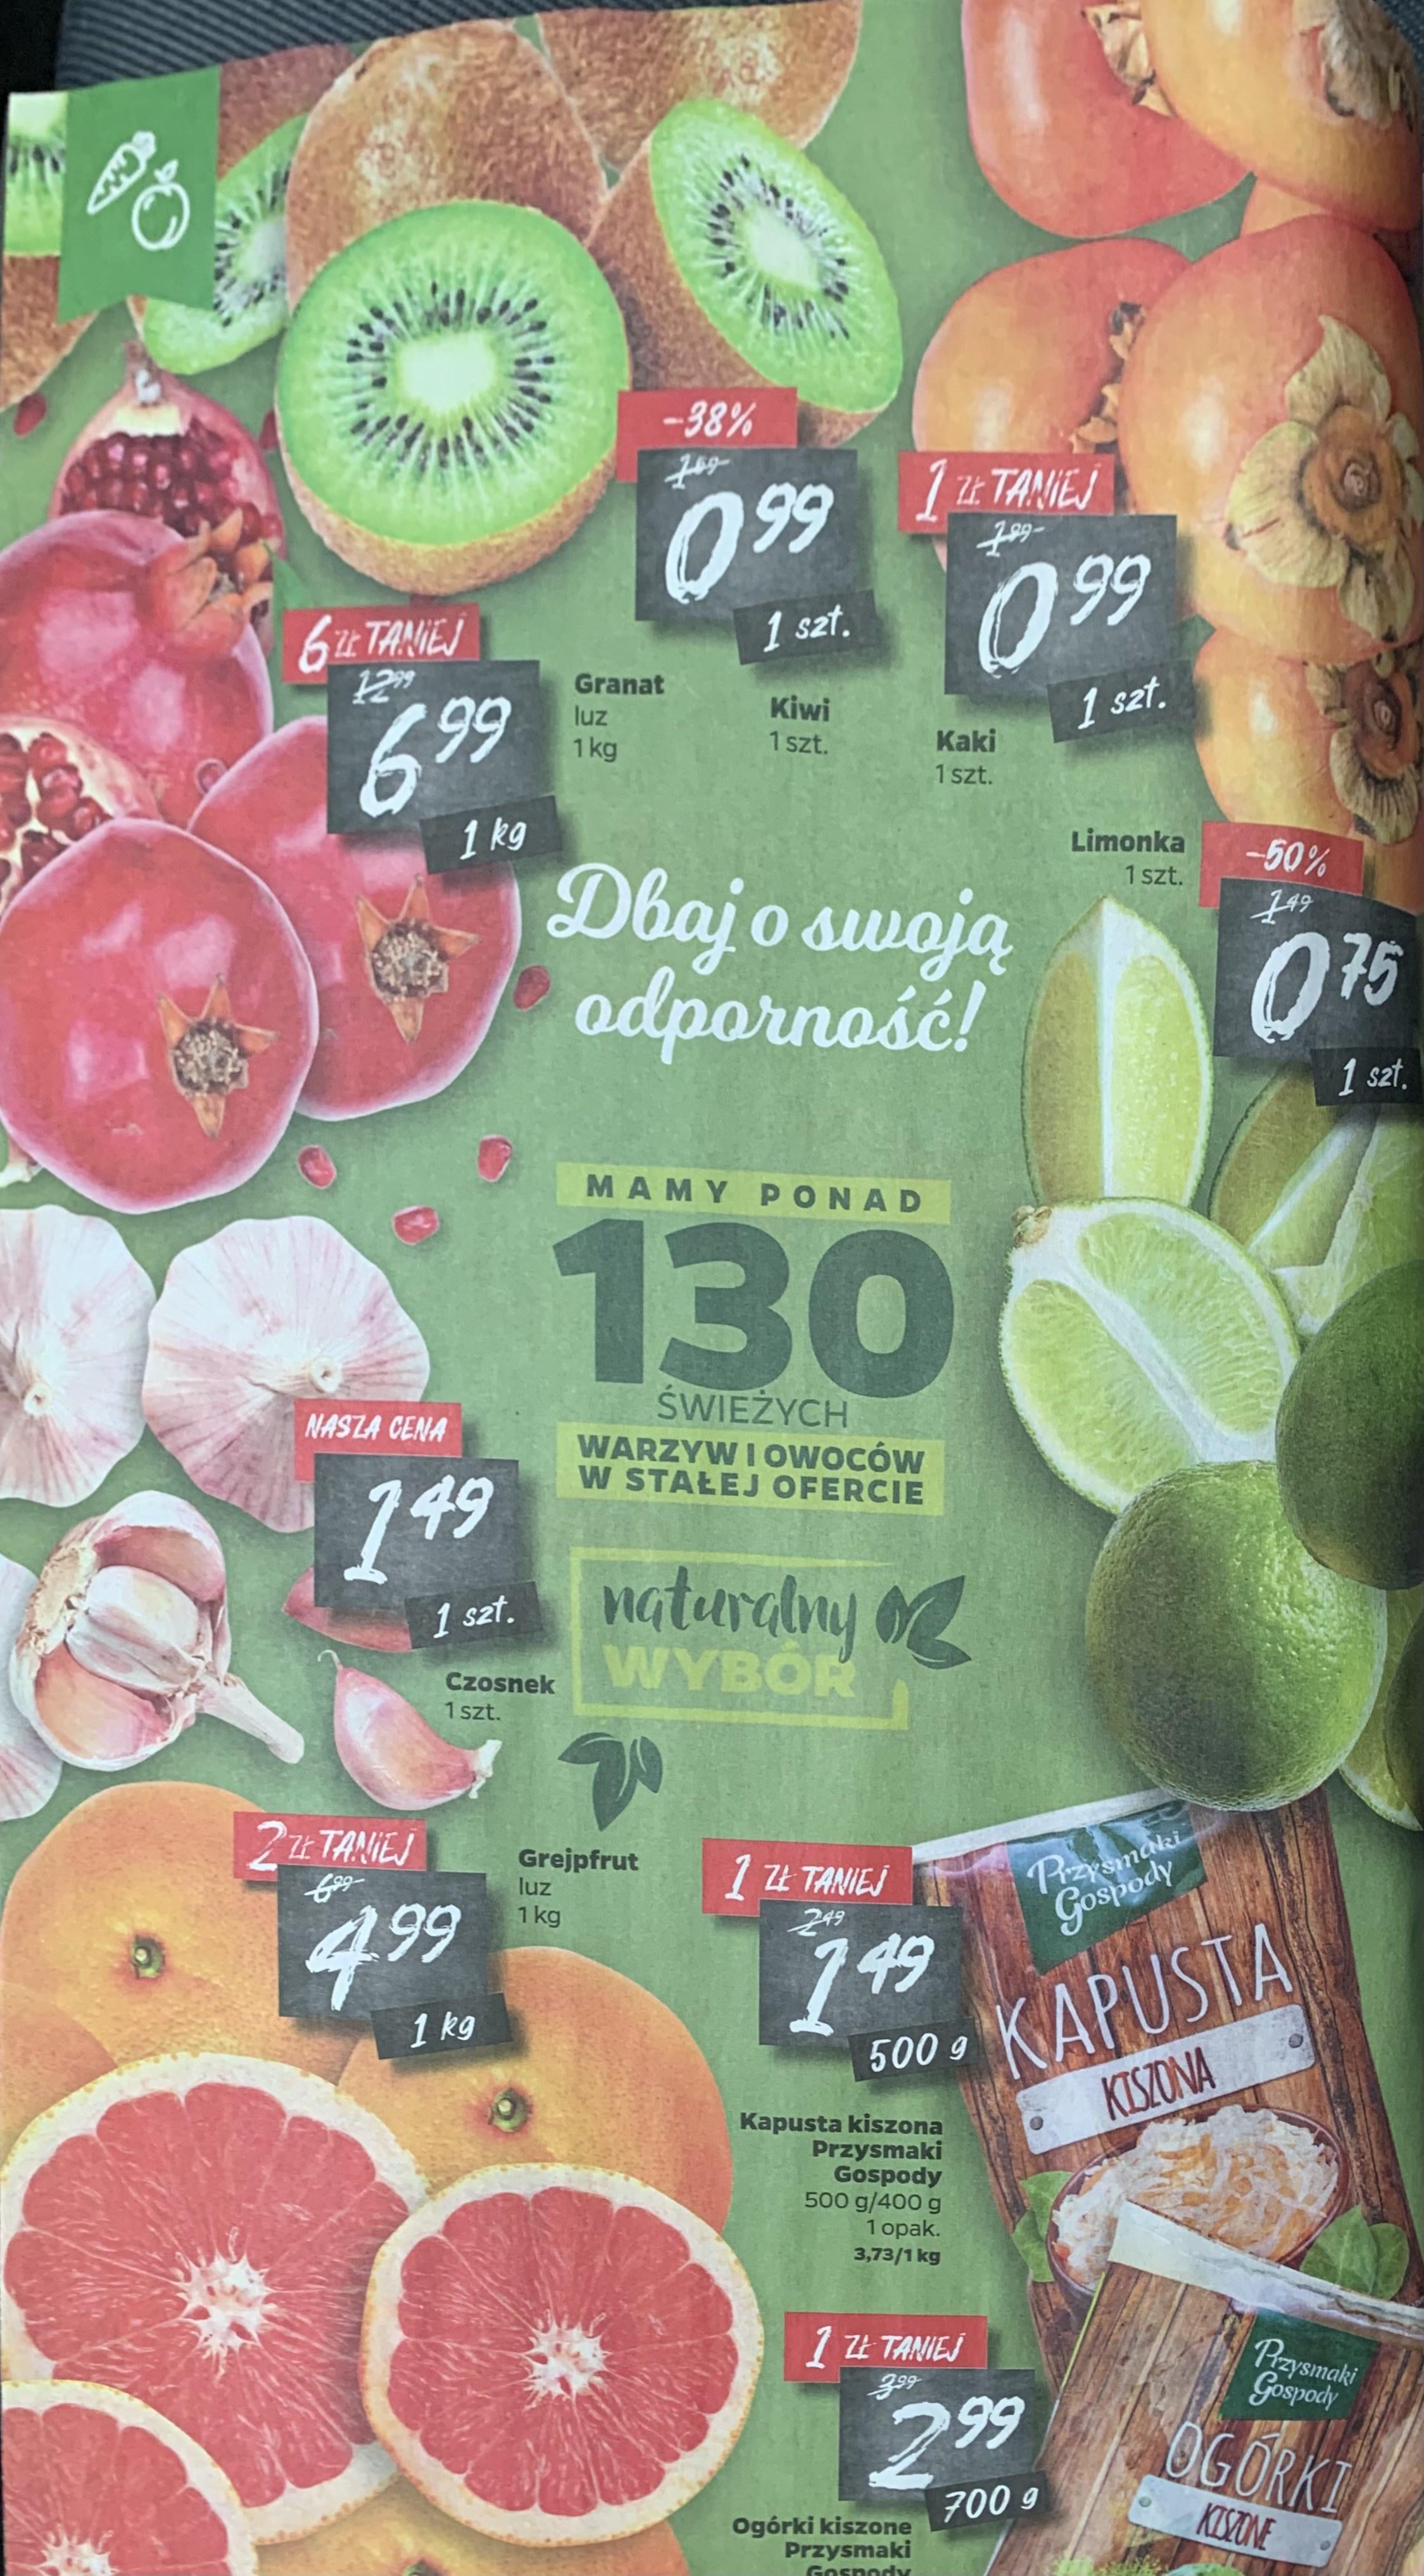 Owoce i warzywa w dobrych cenach w Netto